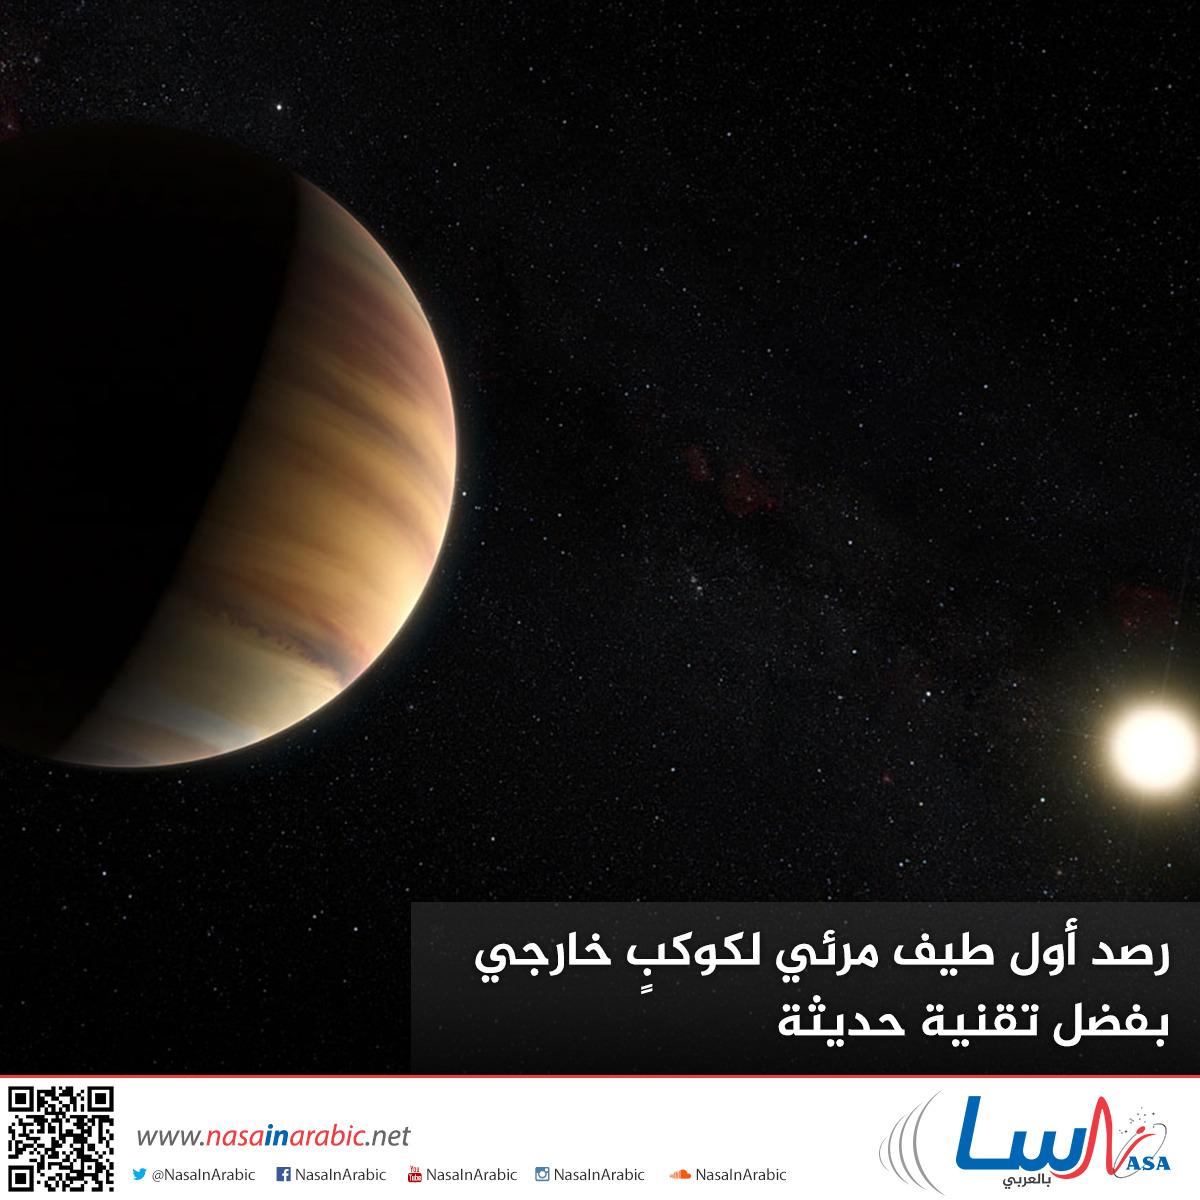 رصد أول طيف مرئي لكوكبٍ خارجي بفضل تقنية حديثة